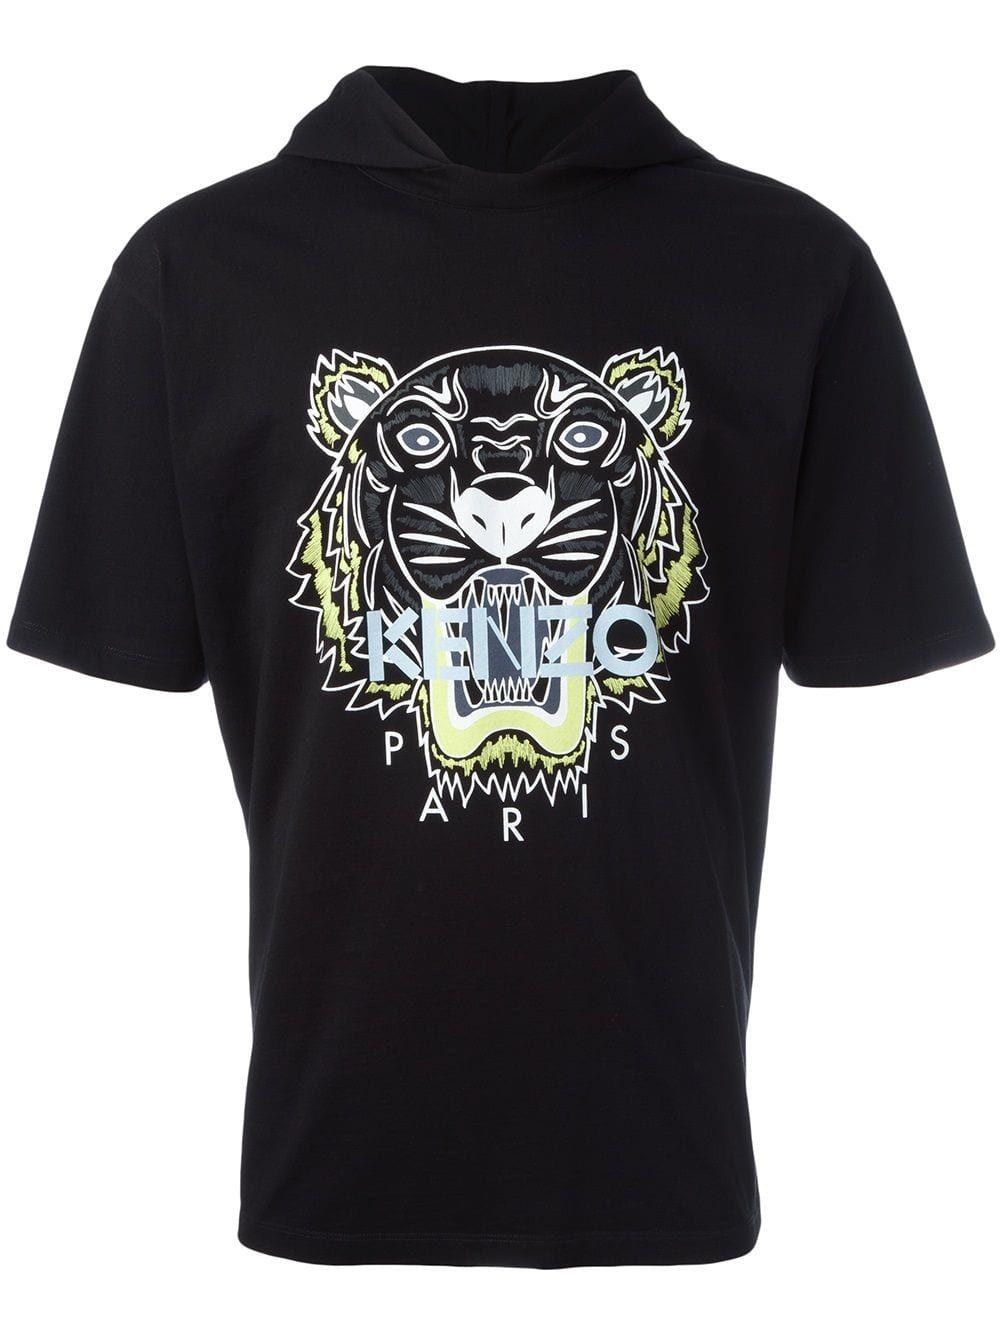 c48f54fe KENZO KENZO TIGER HOODED T-SHIRT - BLACK. #kenzo #cloth | Kenzo ...